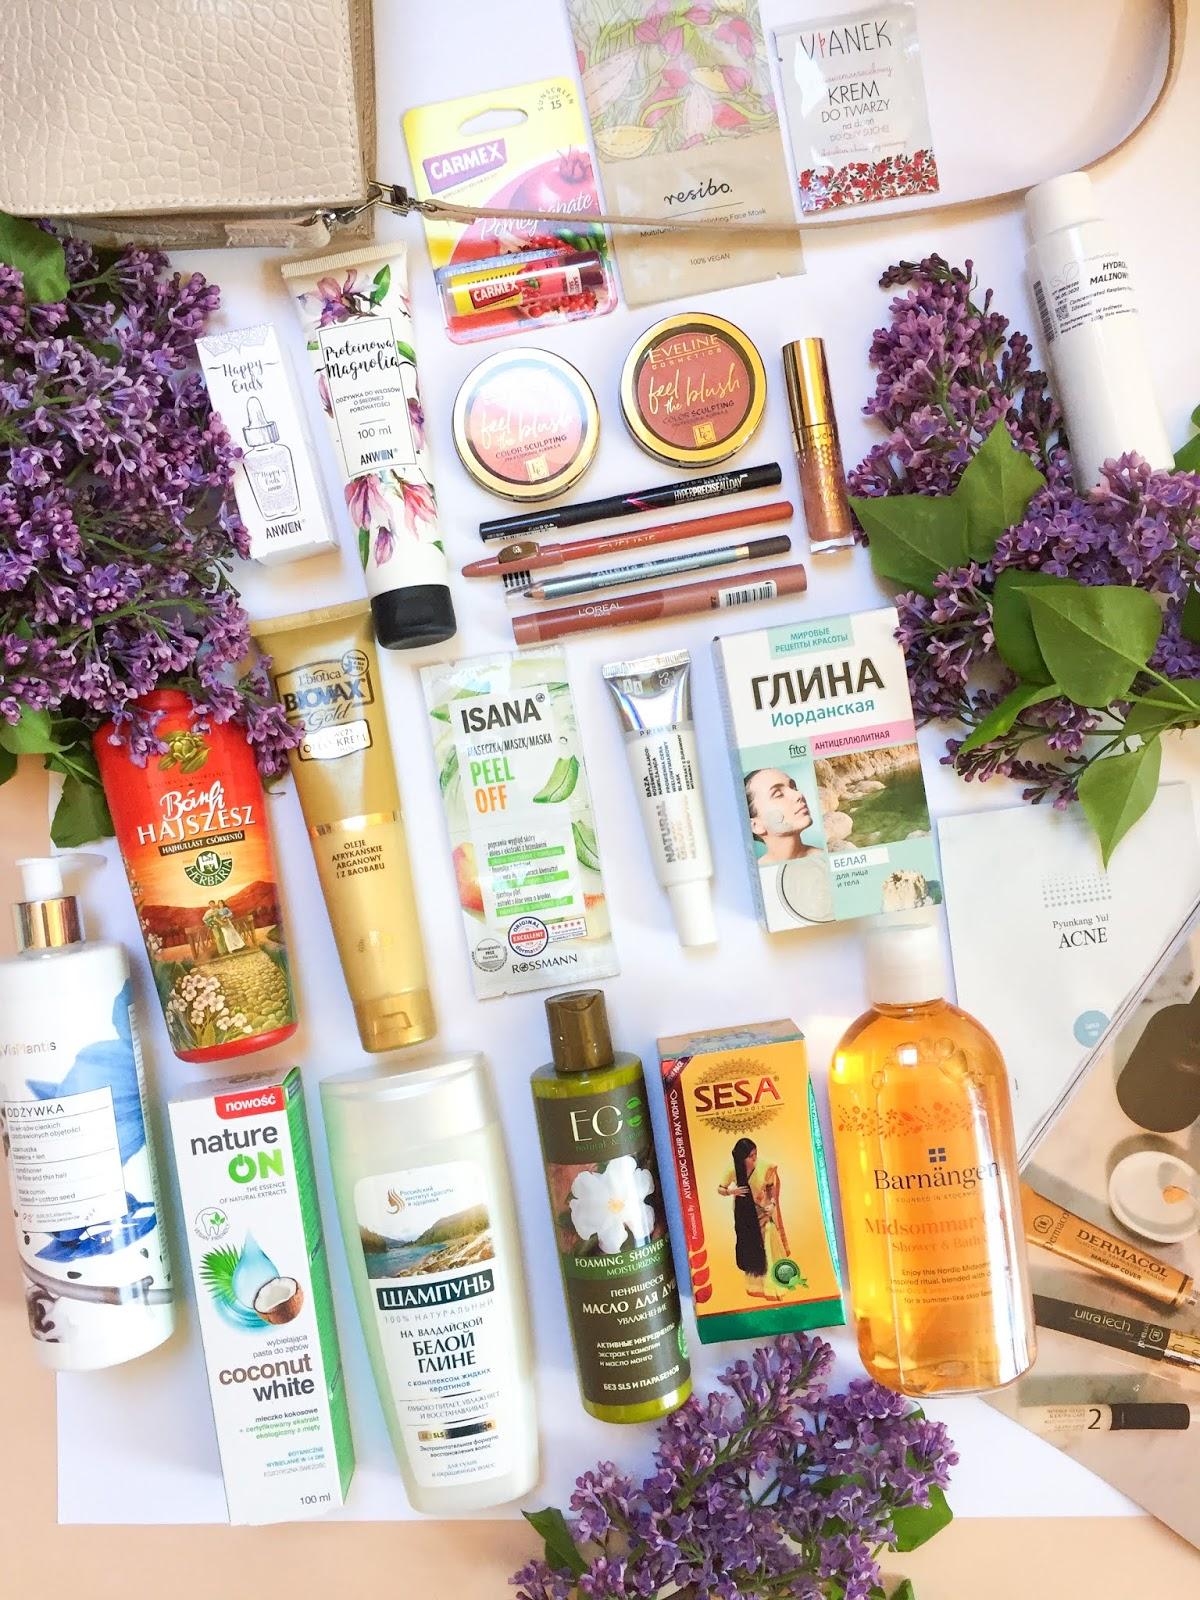 Nowości maja pielęgnacja i kolorówka - zaczynam świadomą pielęgnację włosów | Vis Plantis, Anwen, Eveline, Sesa, Alterra i inne